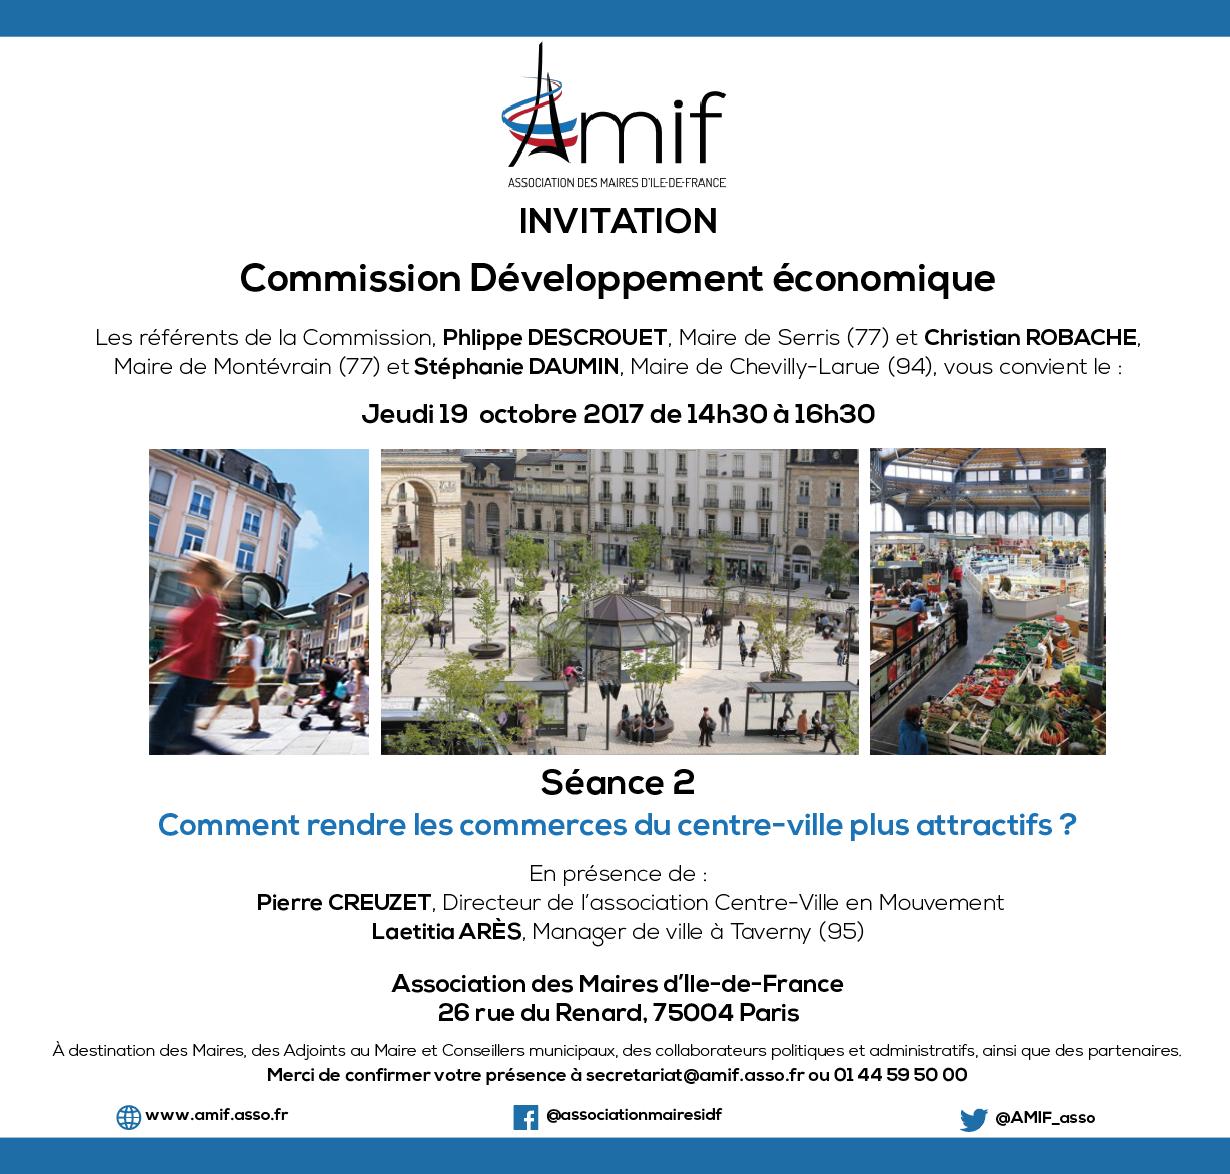 Commission Développement économique - Séance 2 - jeudi 19 octobre 2017 - 14h30-16h30